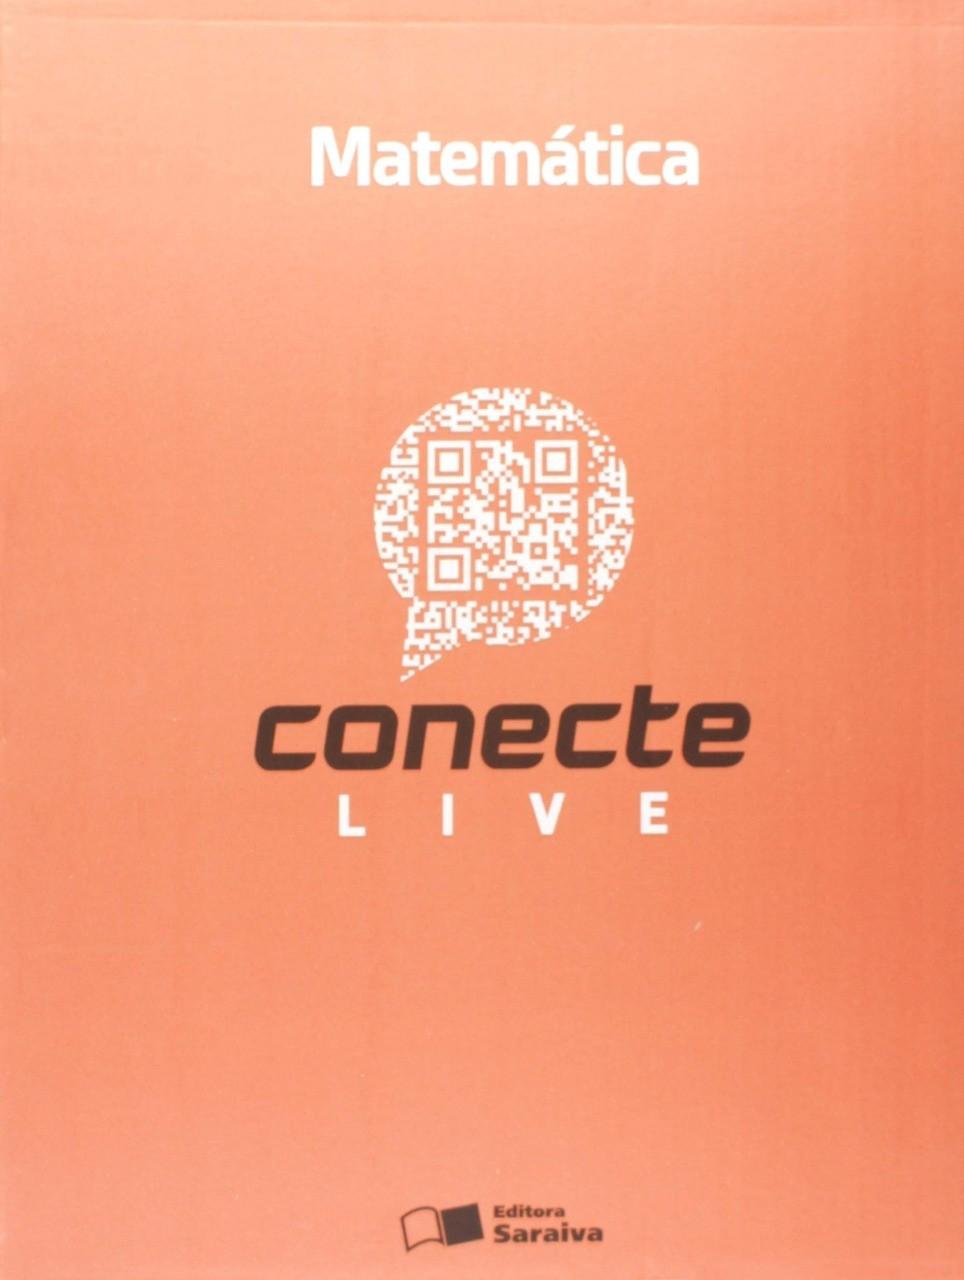 Matemática: ciência e aplicações: Conecte live